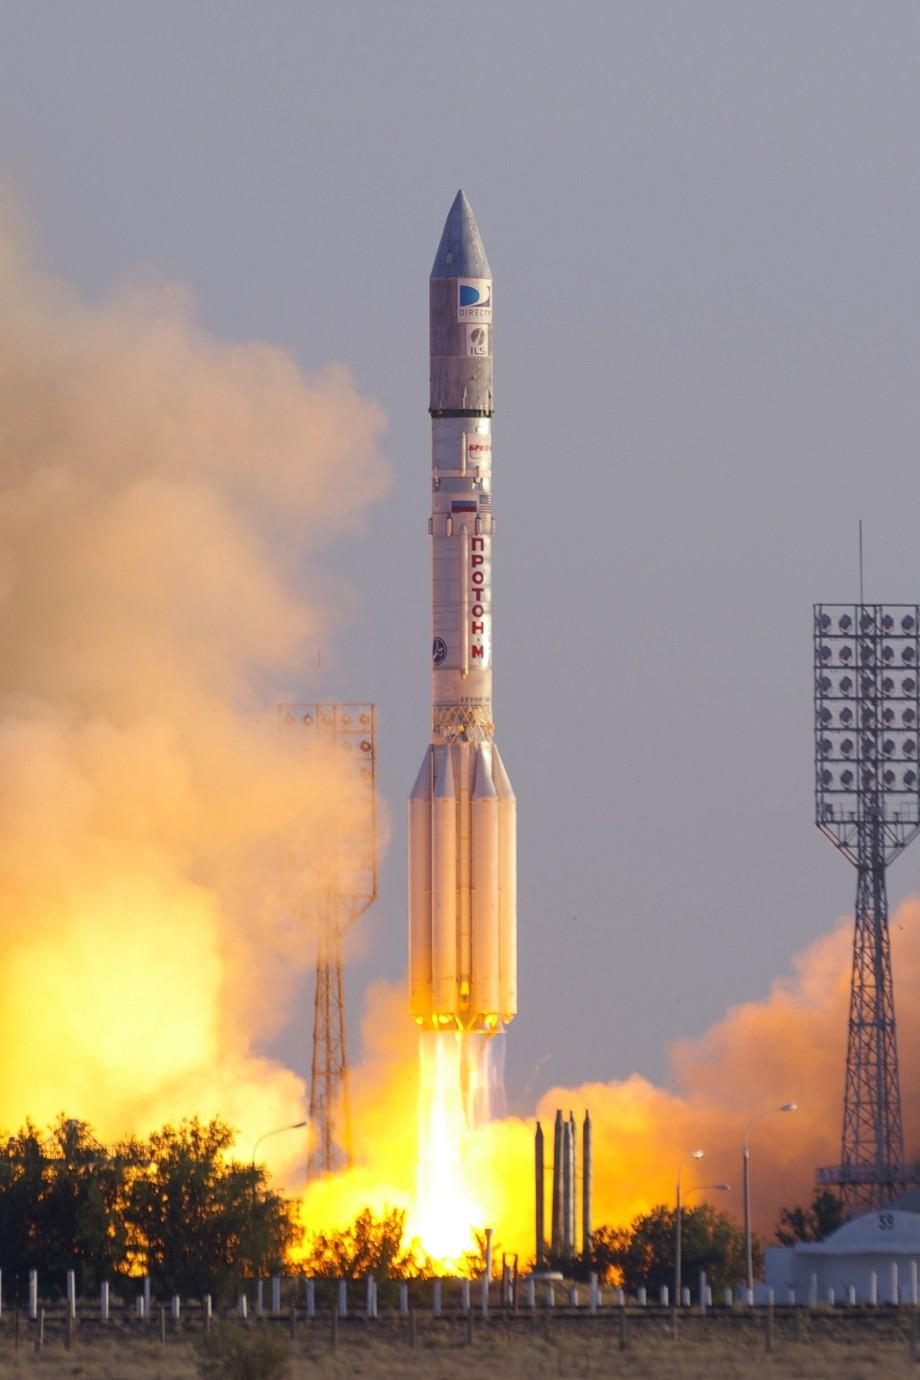 Работа идет своим чередом: как Байконур встречает День космонавтики в эпоху пандемии